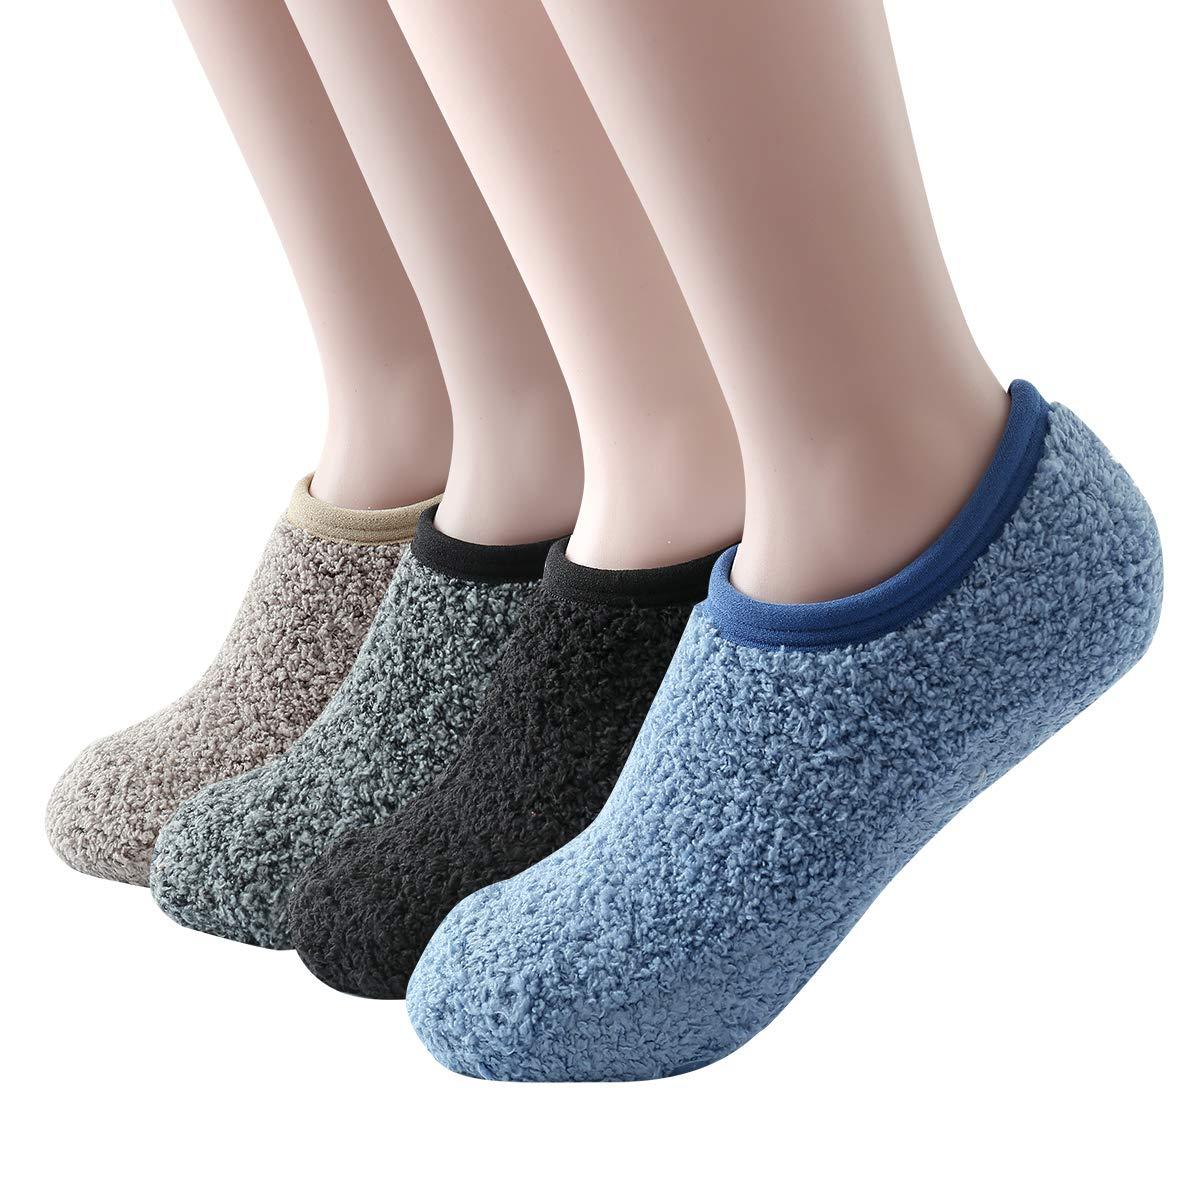 SKOLA Cozy Fuzzy Slippers Socks for Women, Fluffy No Show Socks With Non Skid SFBCAWDJ04